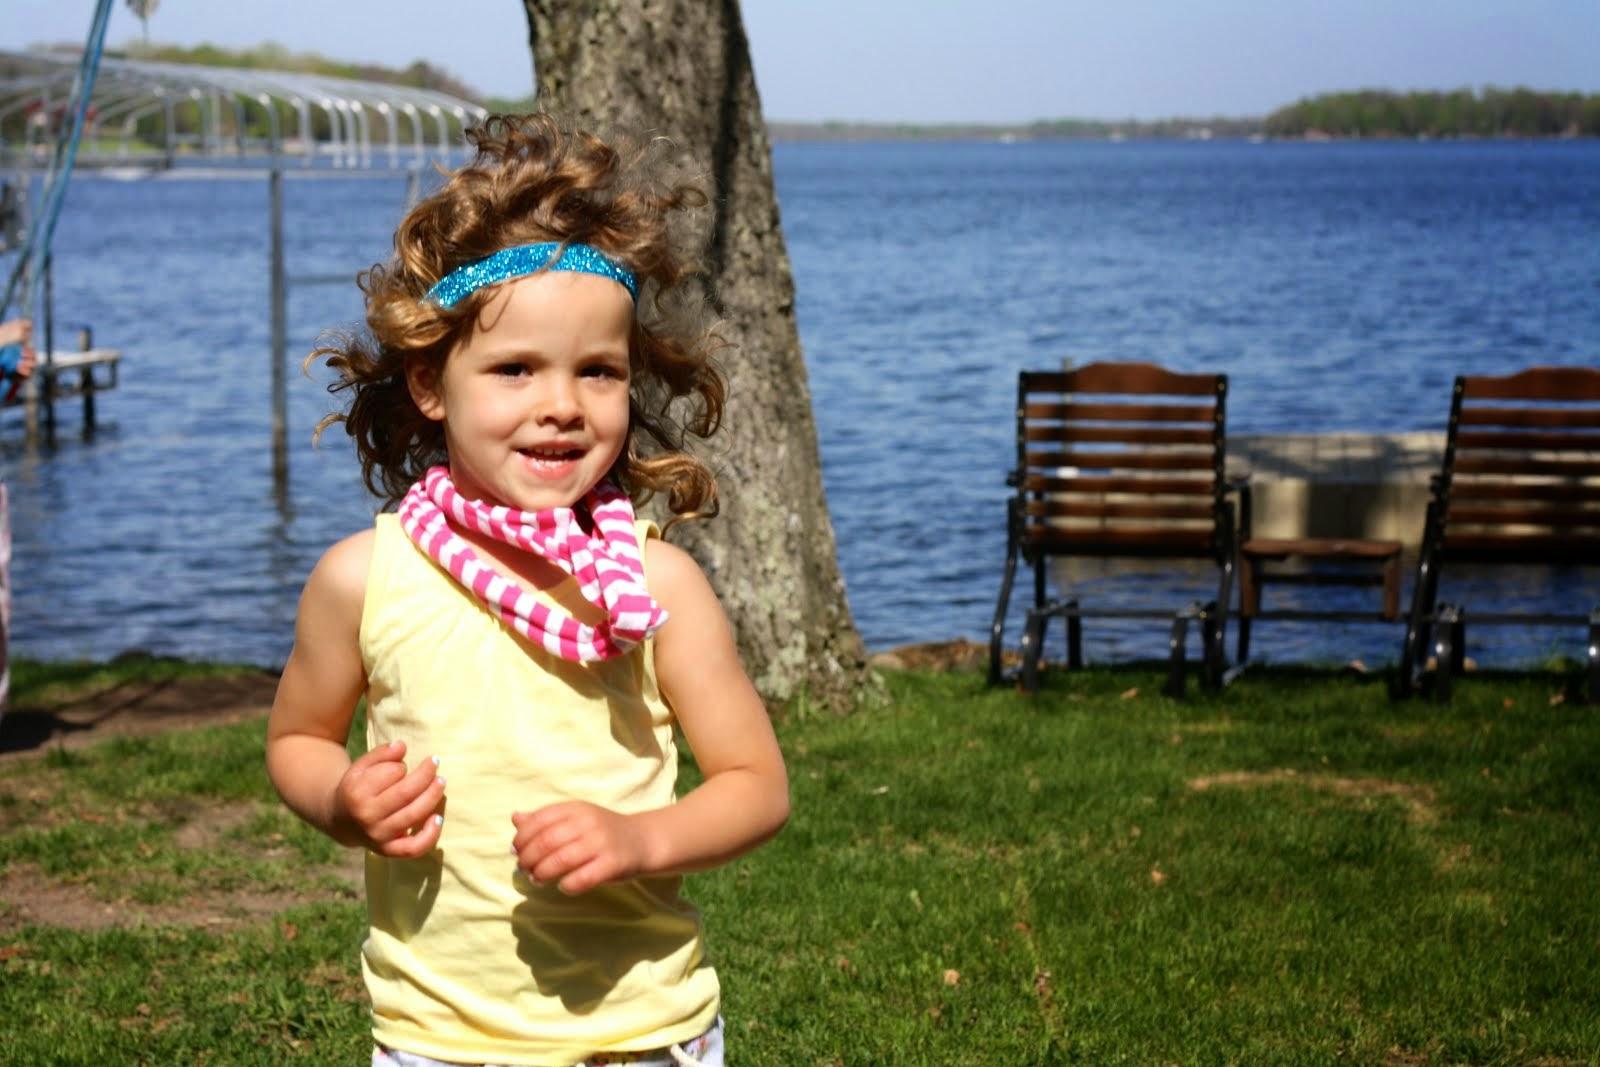 Adilyne-4 1/2 years